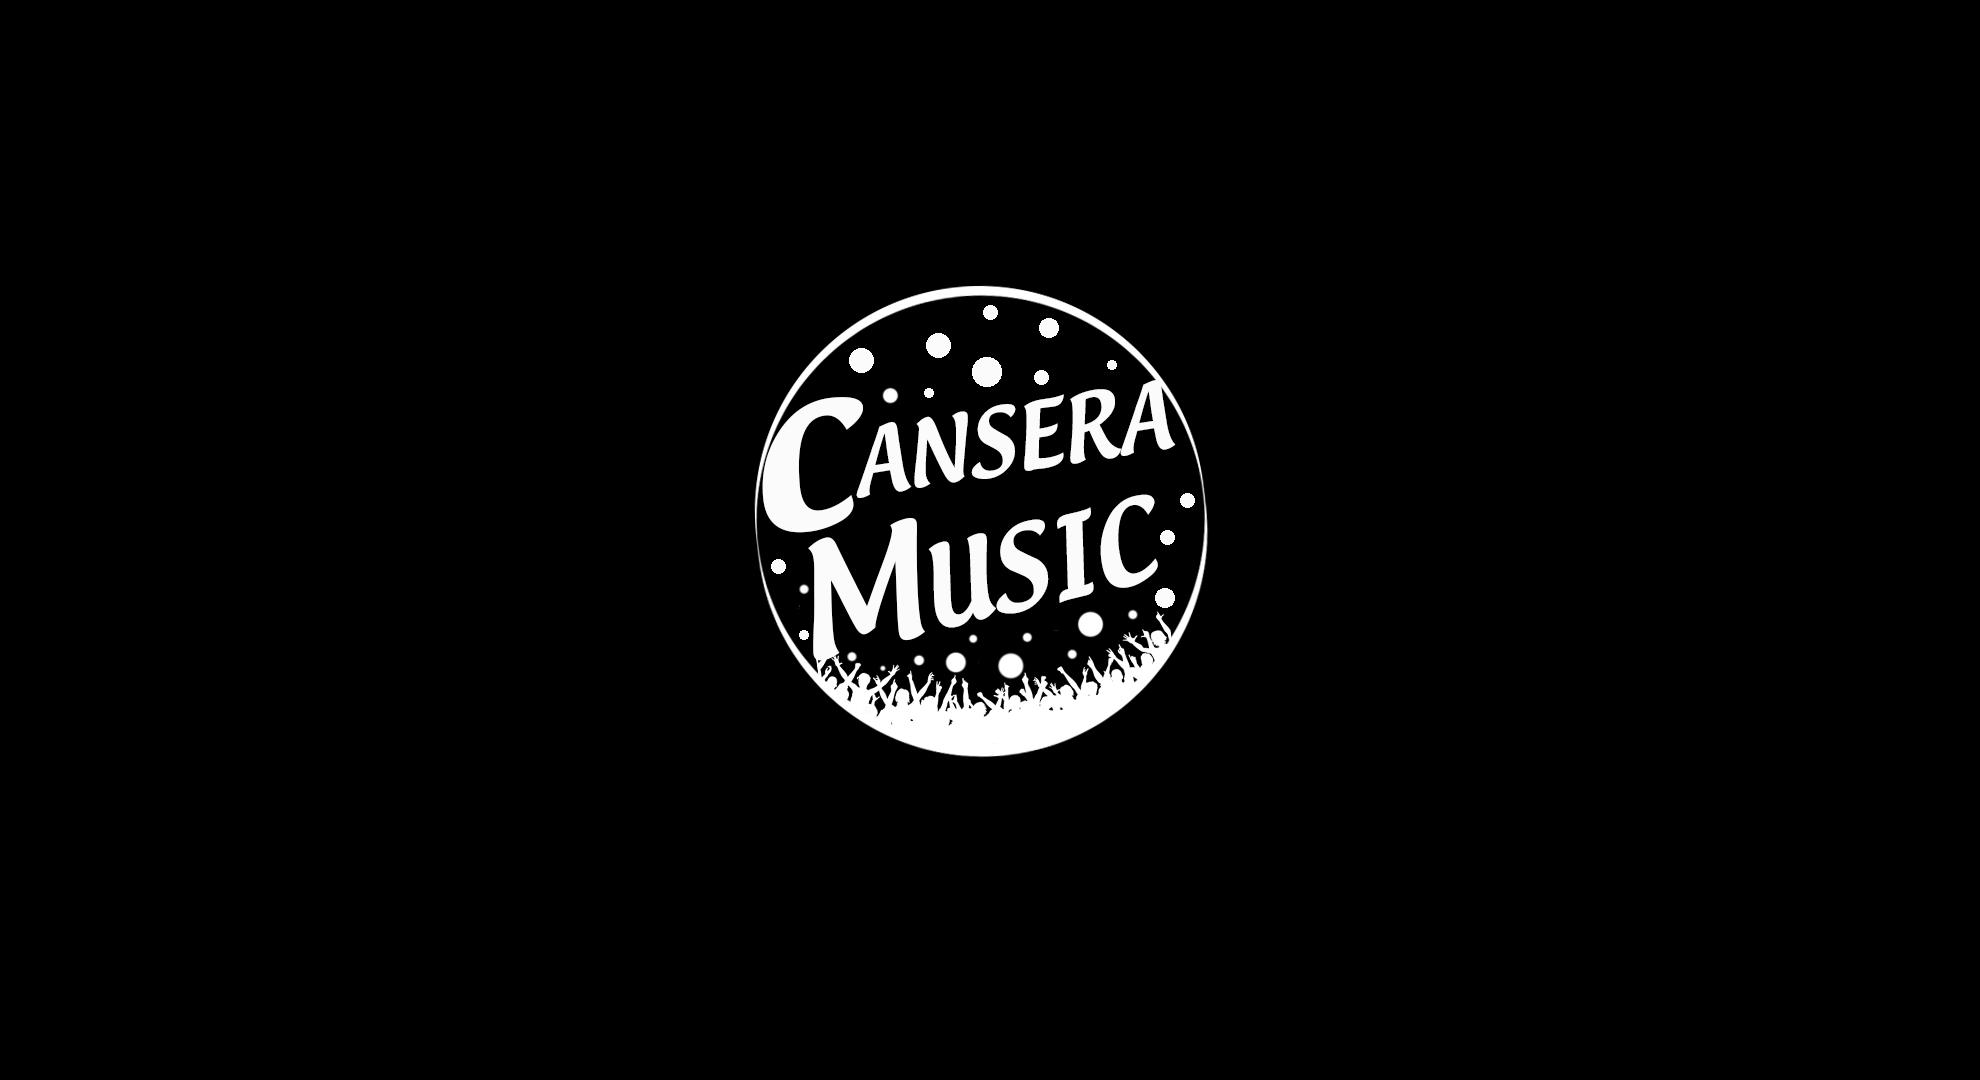 デスクトップ壁紙 テキスト ロゴ 音楽 サークル ブランド